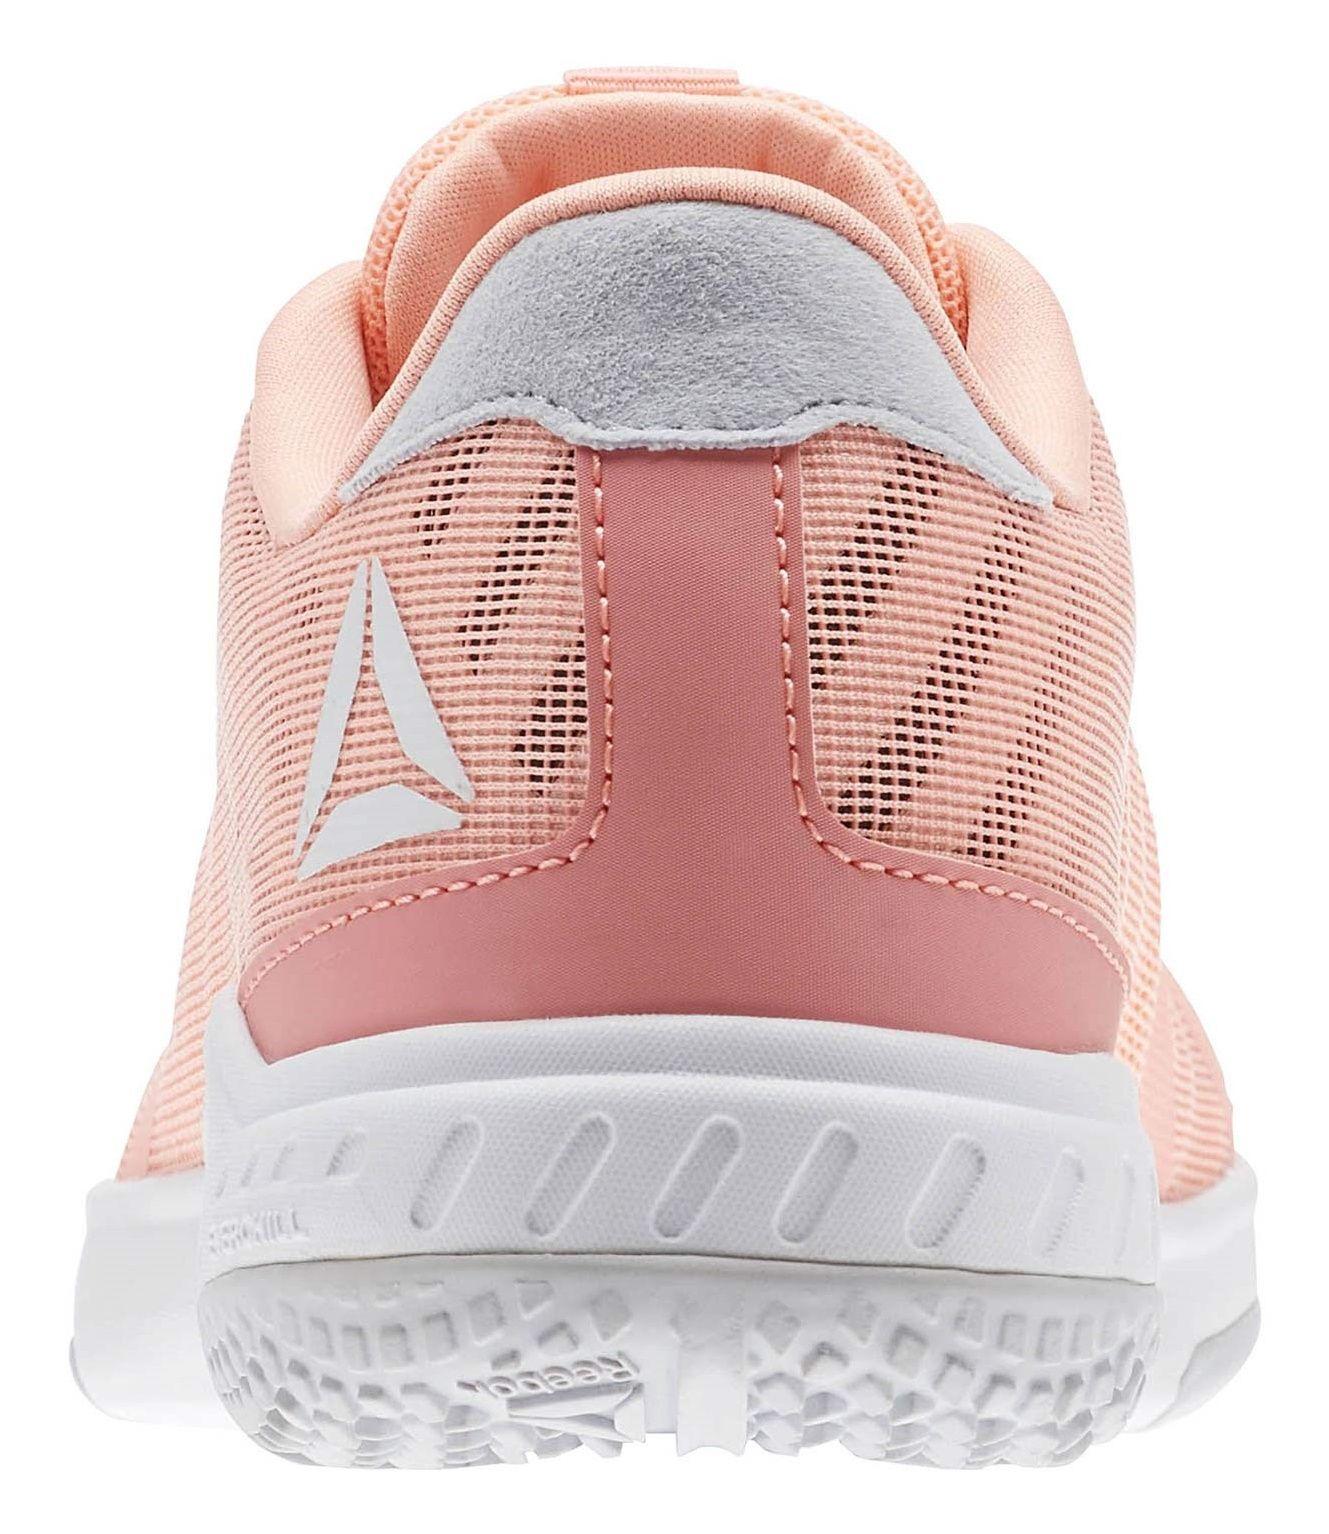 کفش تمرین بندی زنانه Everchill TR 2-0 - ریباک - صورتي - 2